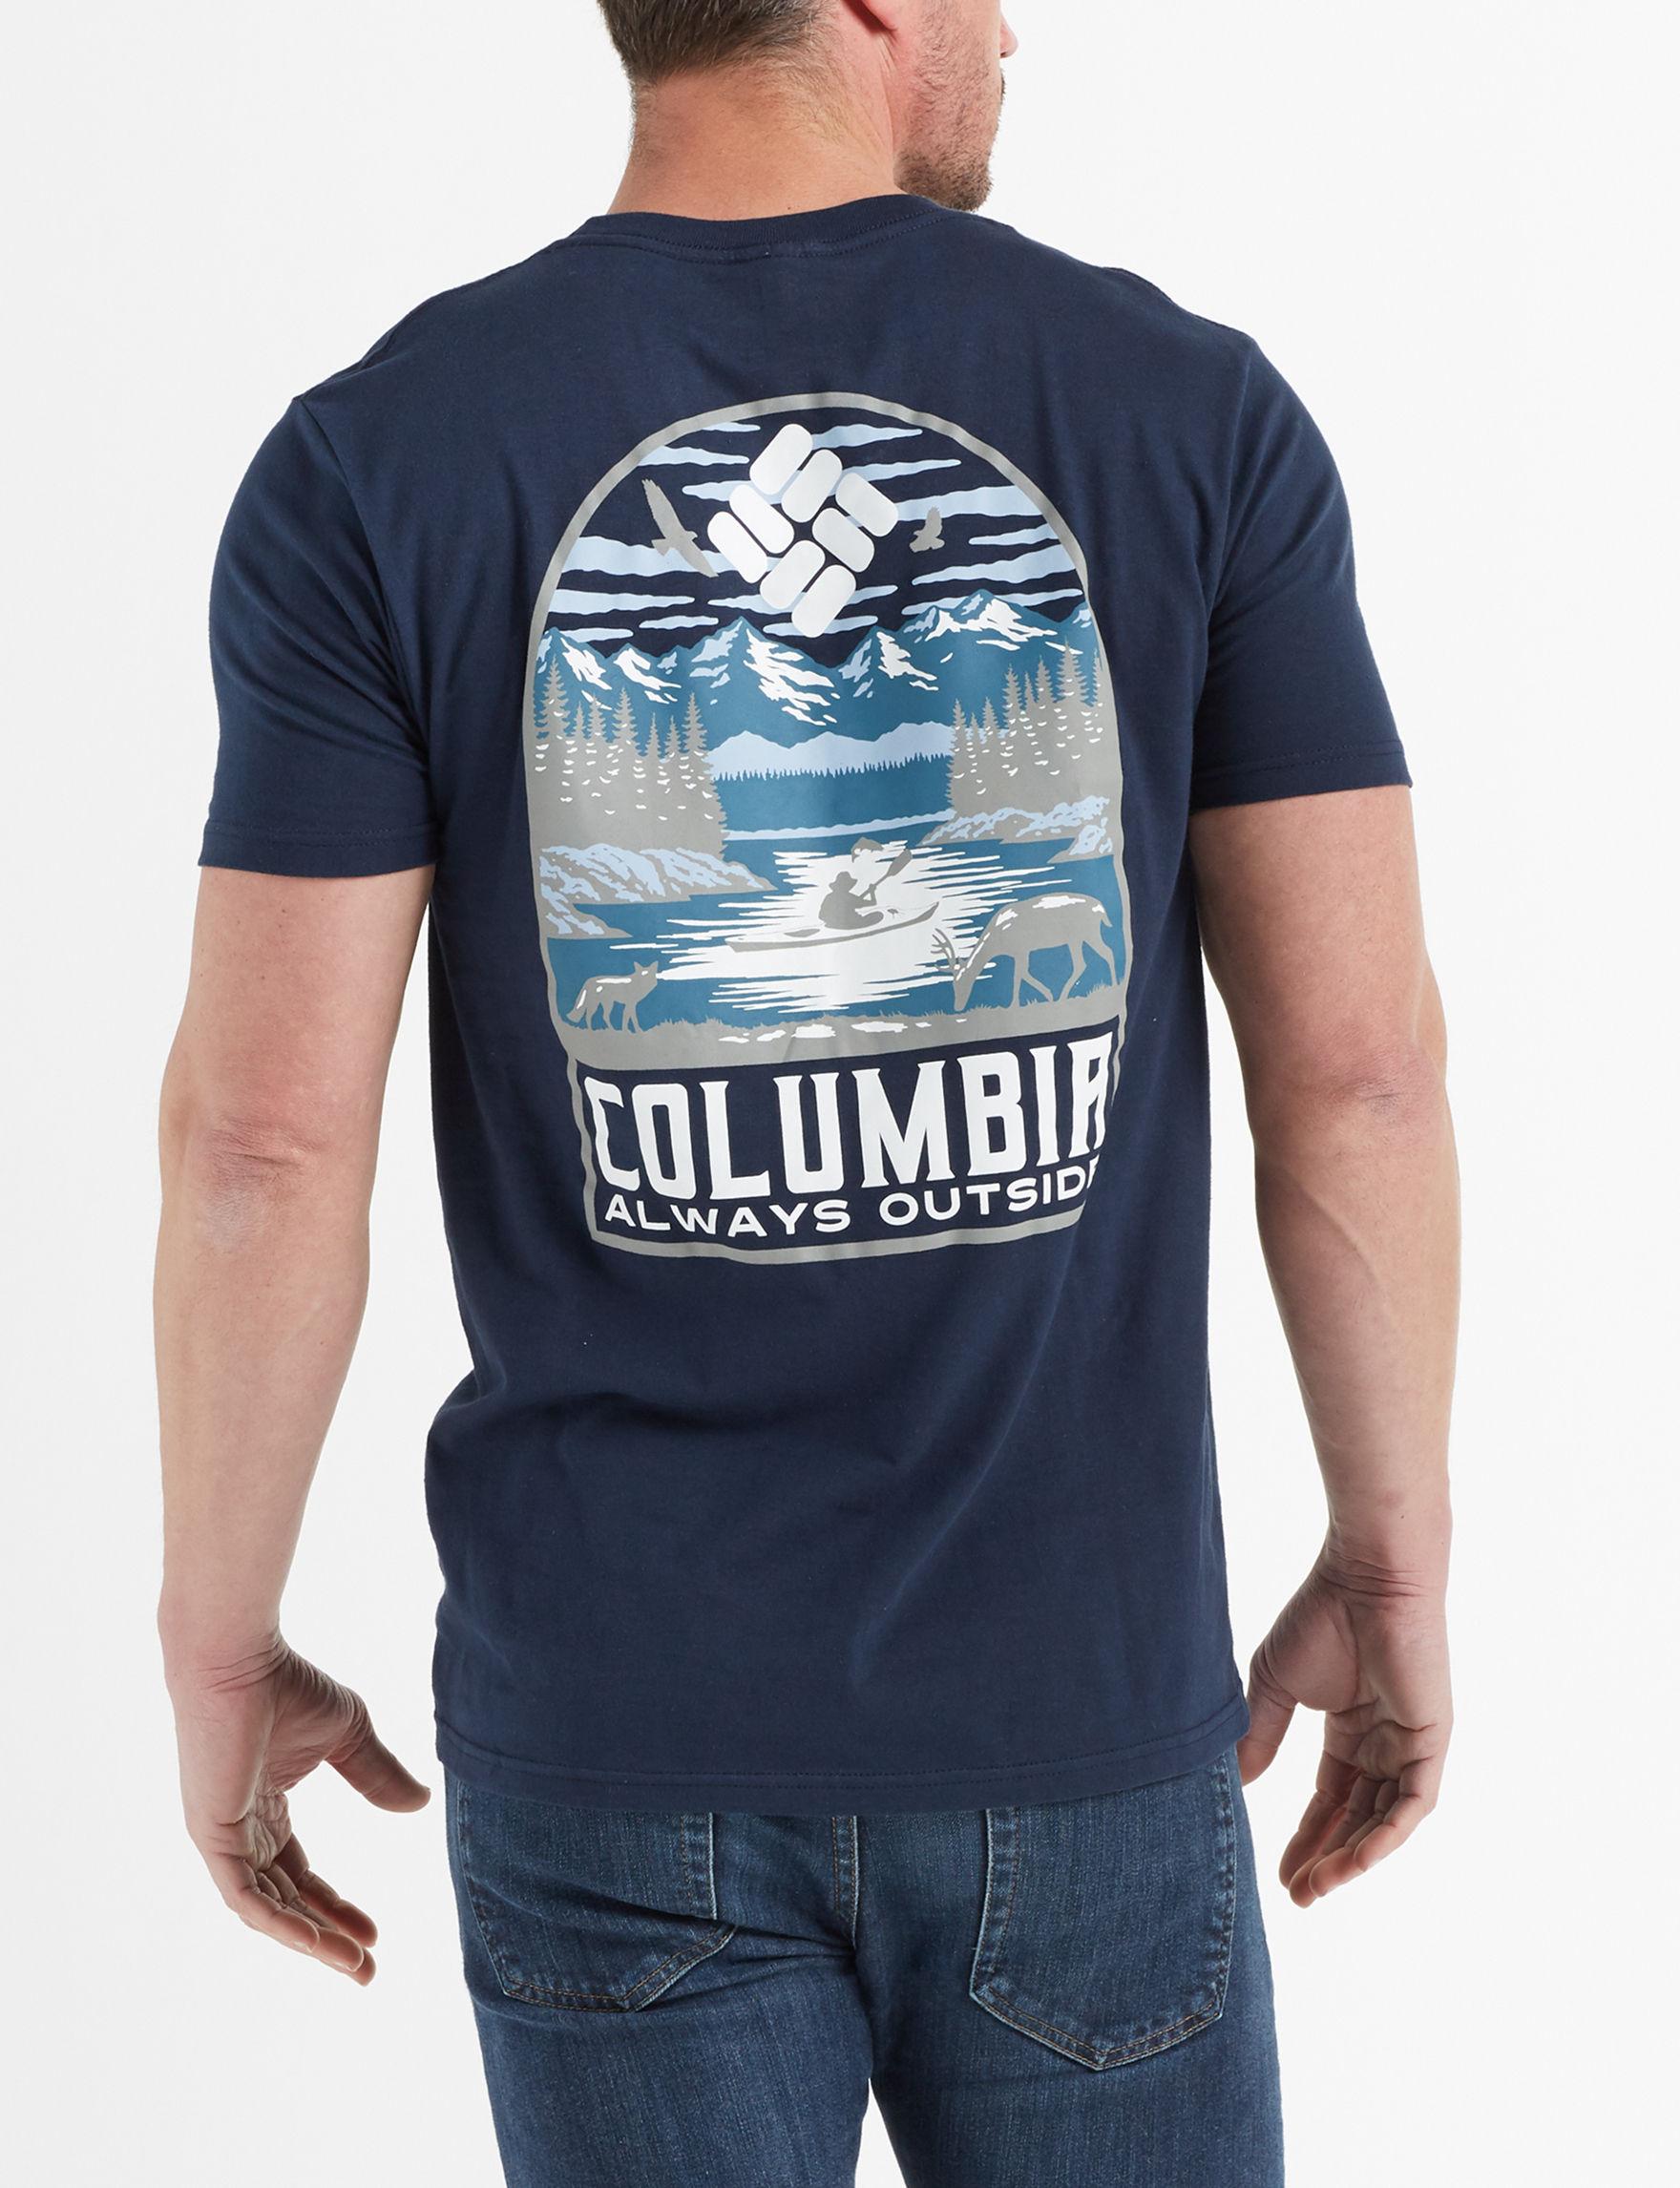 Columbia Navy / Multi Tees & Tanks